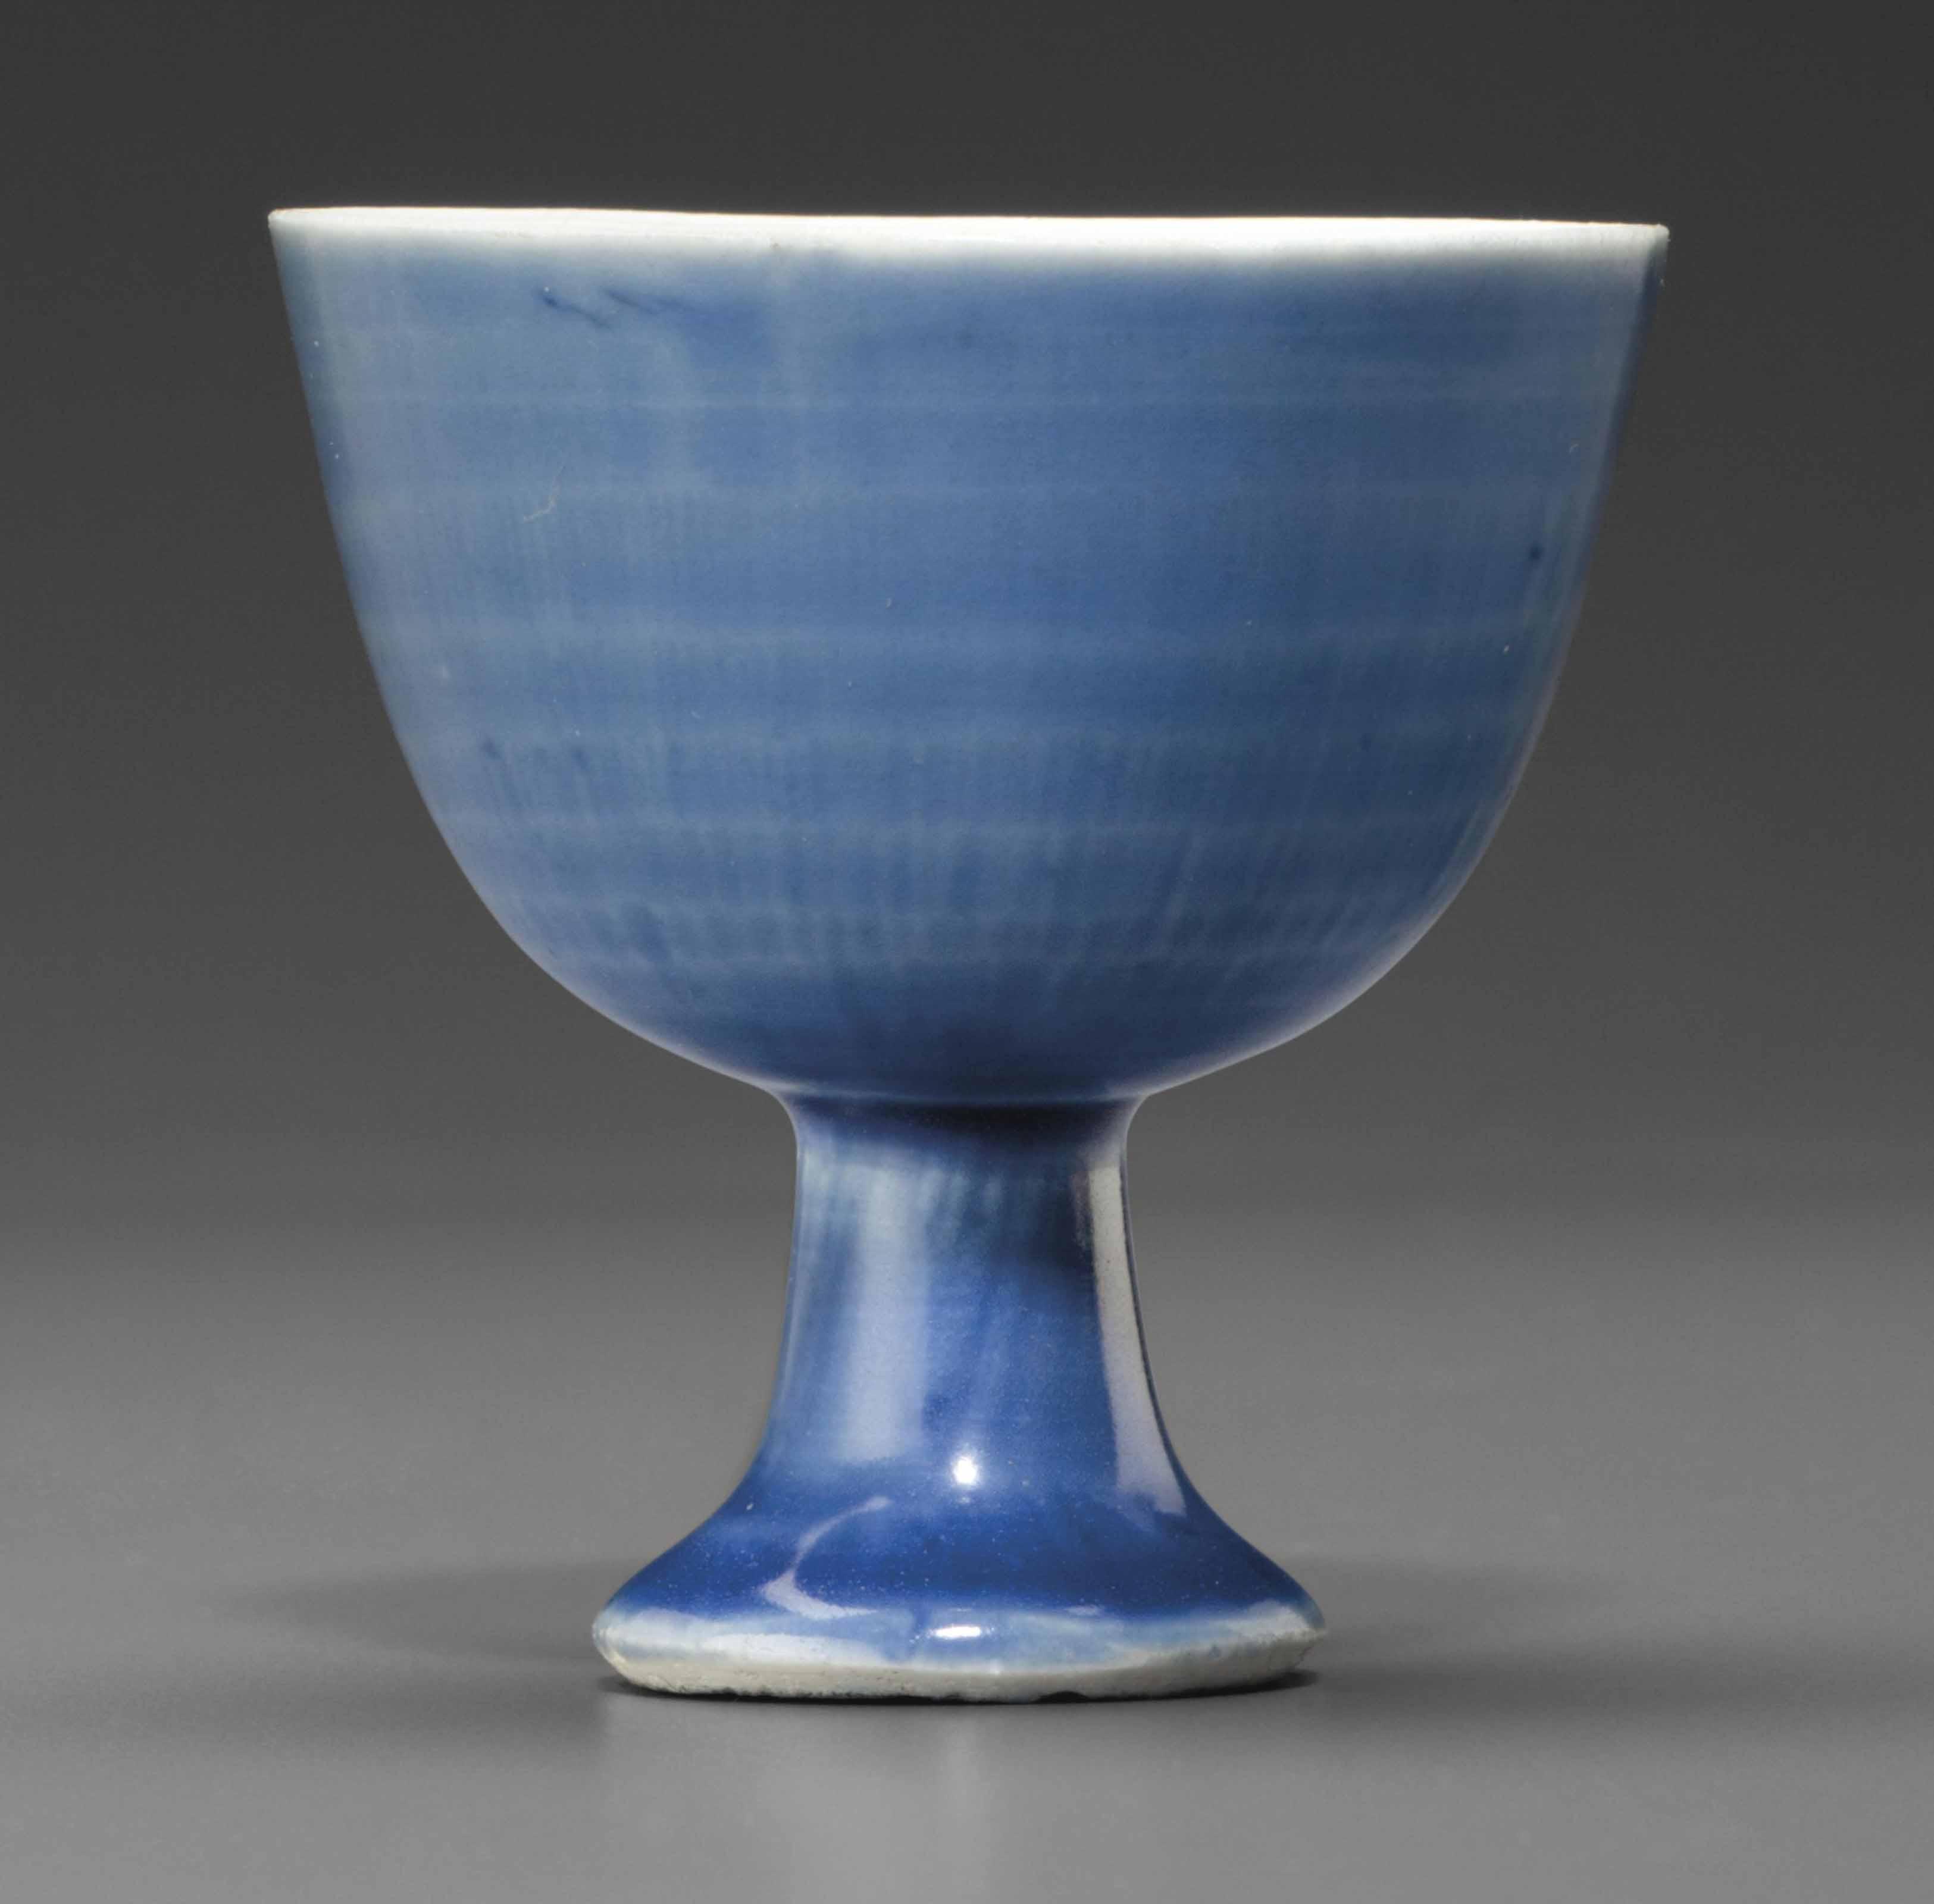 AN UNDERGLAZE-BLUE-GROUND WINE